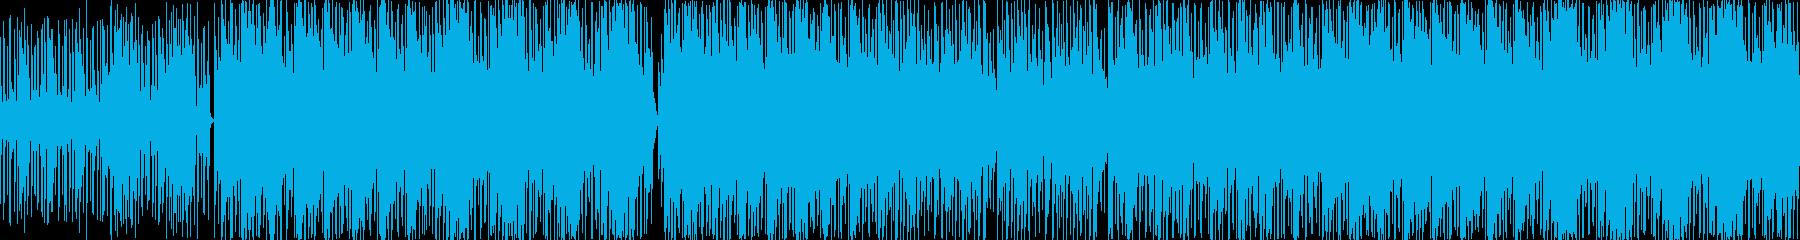 ヘヴィロック アクション adve...の再生済みの波形